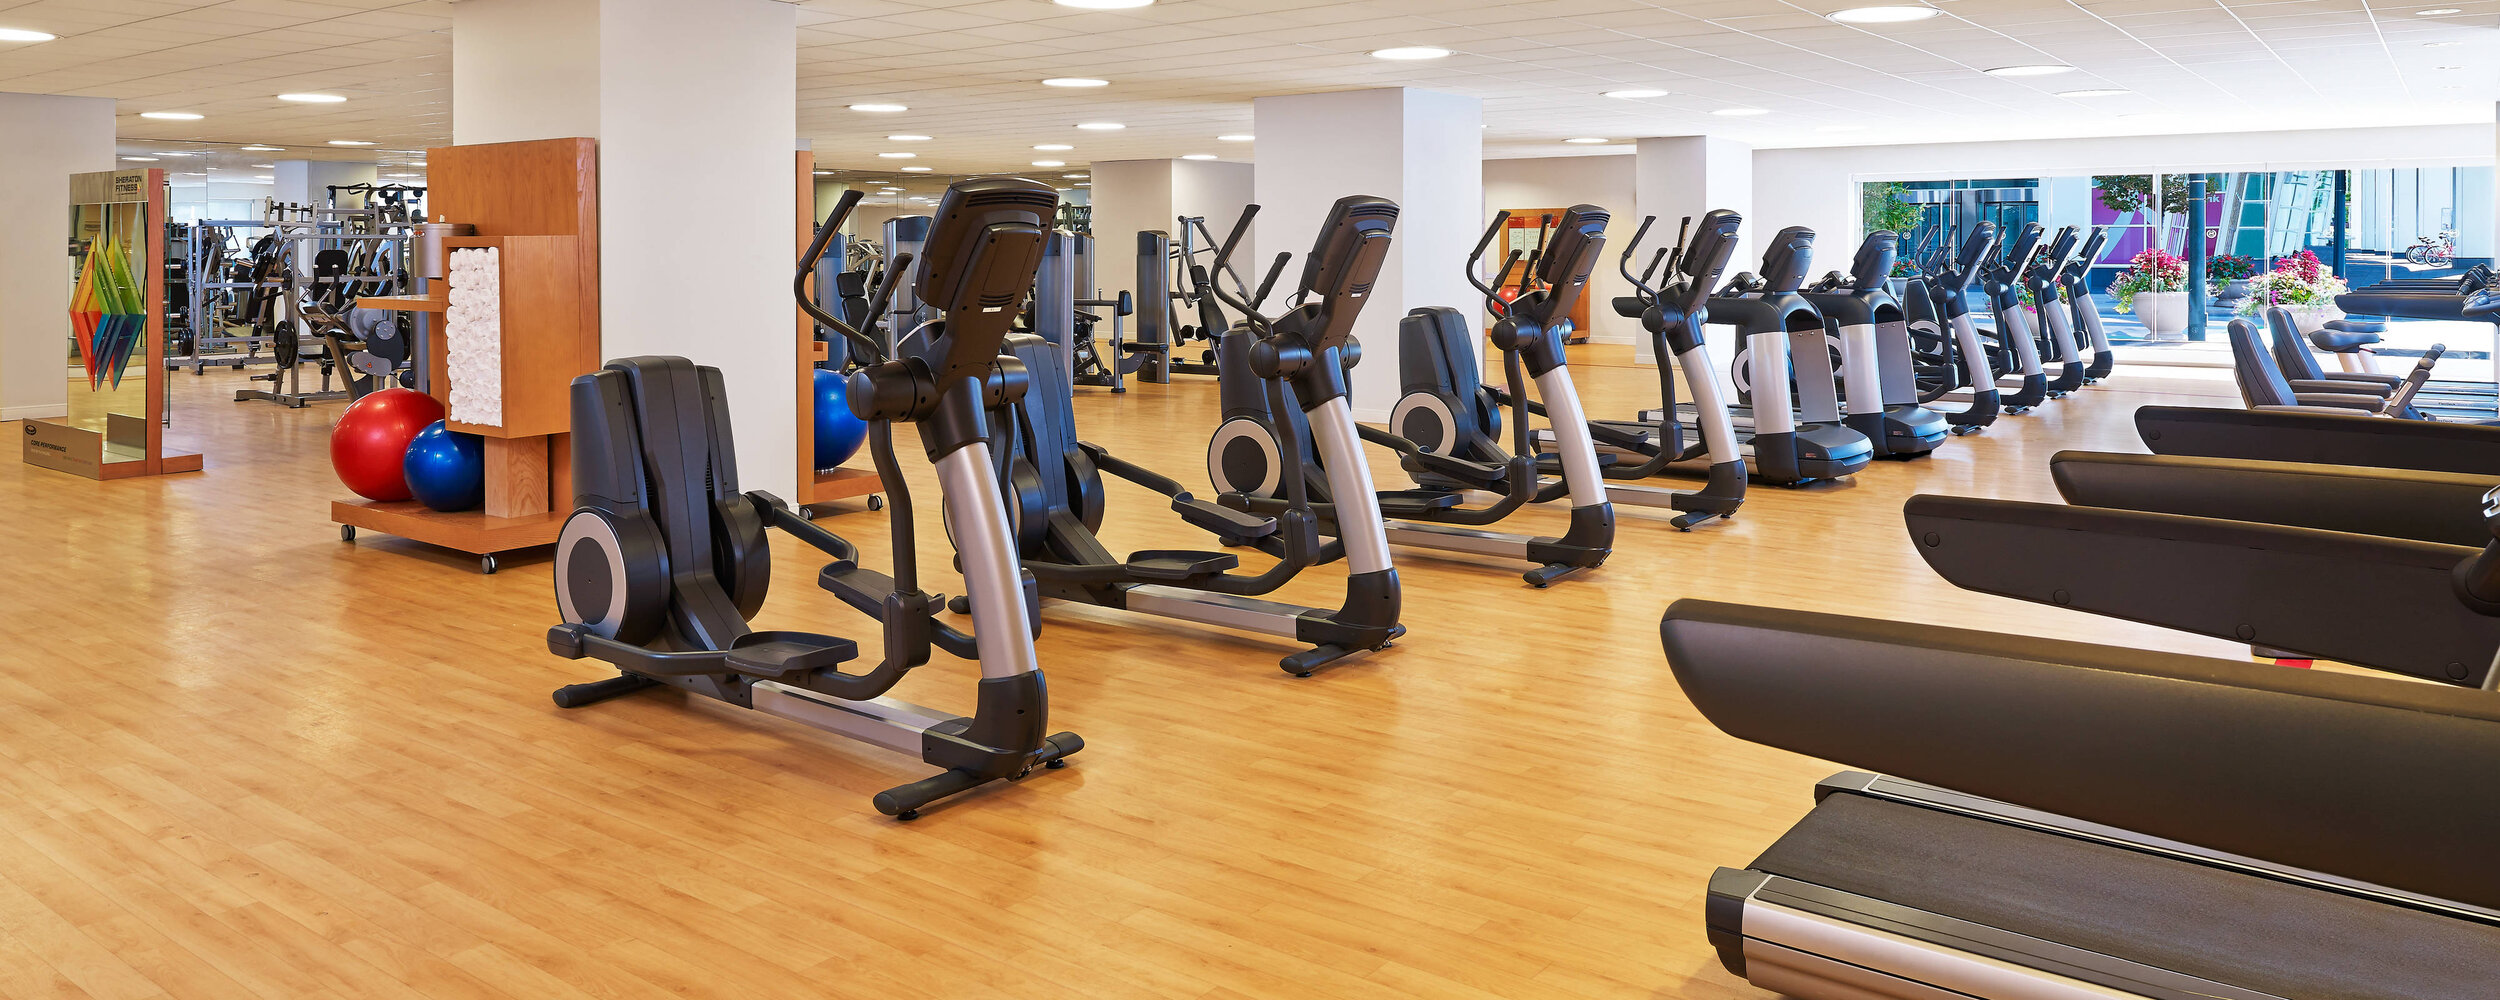 dends-fitness-center-9252-hor-feat.jpg